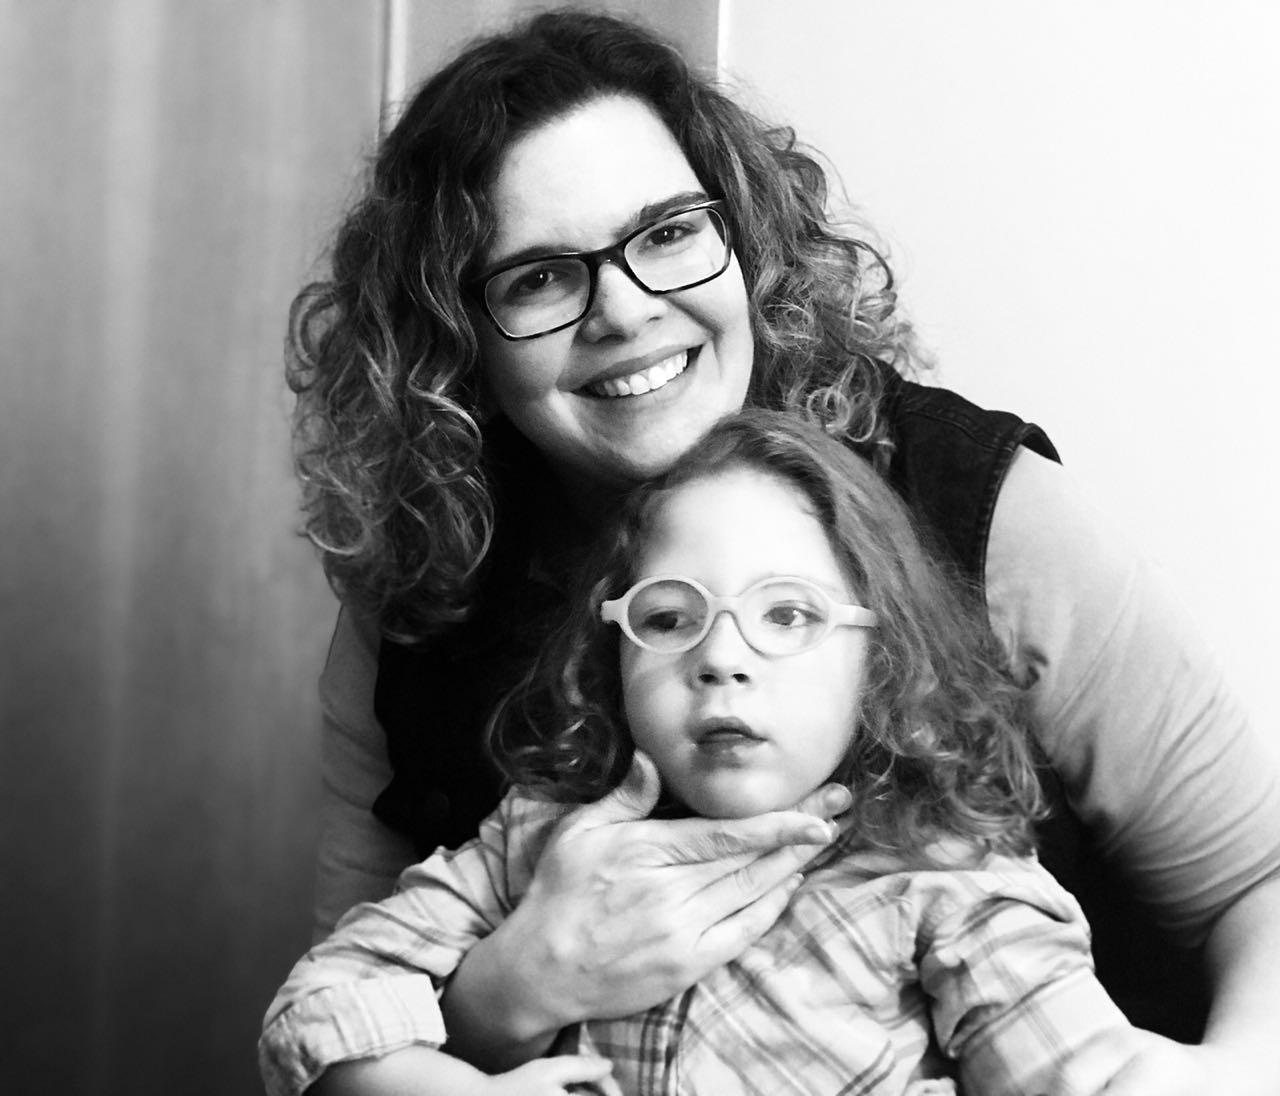 Sobre acolher a vida do jeito que ela vier – Entrevista com Mariana Rosa (mãe da Alice)